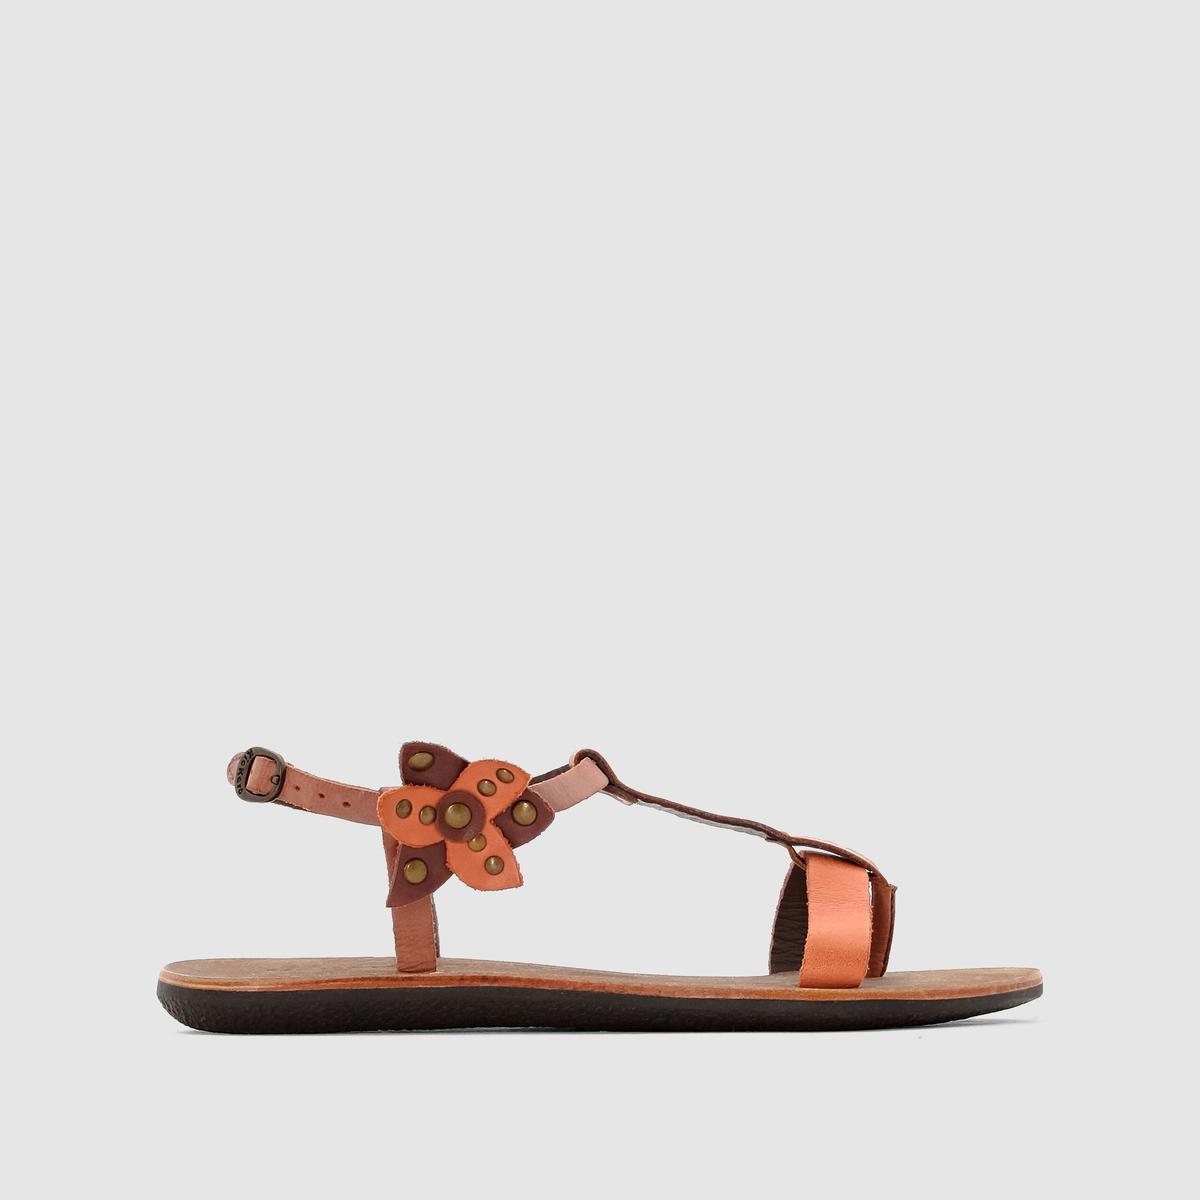 Сандалии кожаные на низком каблуке SpartflowerСандалии на низком каблуке  KICKERS, модель Spartflower. Верх: 100% кожи.Подкладка: 100% кожи.Стелька: 100% кожи.Подошва: 100% каучука.Застежка: ремешок с пряжкой на щиколотке.Высота каблука: 6 см.Высота каблука: 1,5 см.Минималистичный дизайн и декорированный кожаным цветком ремешок... Очаровательные и удобные кожаные сандалии, которые будут органично дополнять ваш летний гардероб!<br><br>Цвет: каштановый / оранжевый,черный/ синий<br>Размер: 36.39